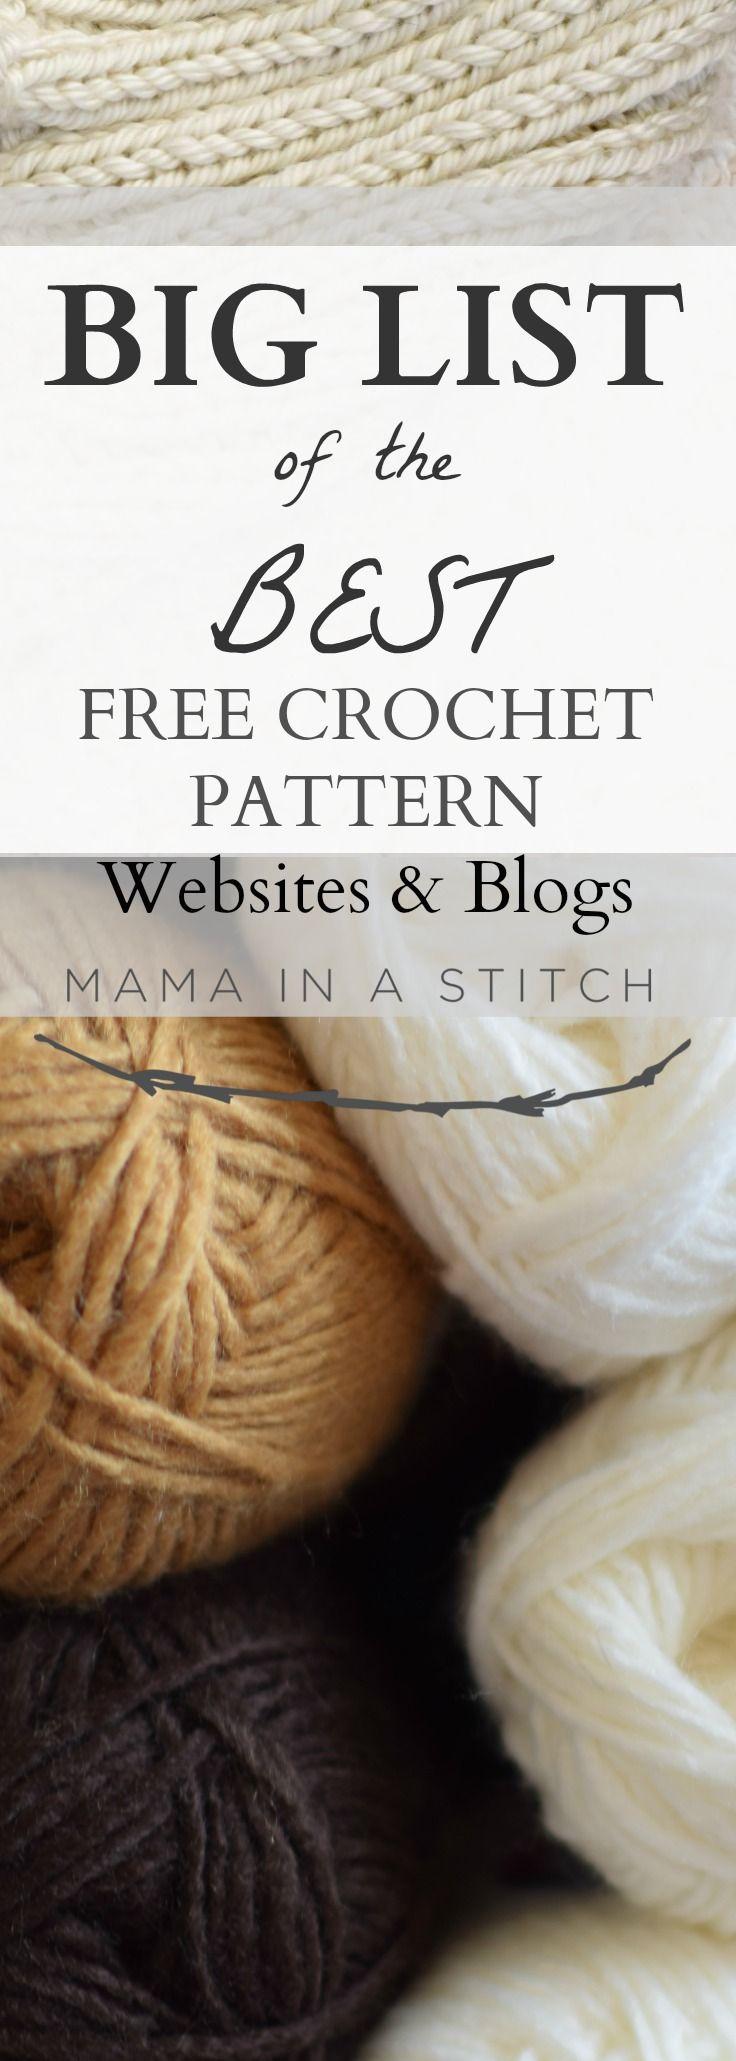 829 mejores imágenes sobre crochet en Pinterest | Patrón libre, Chal ...